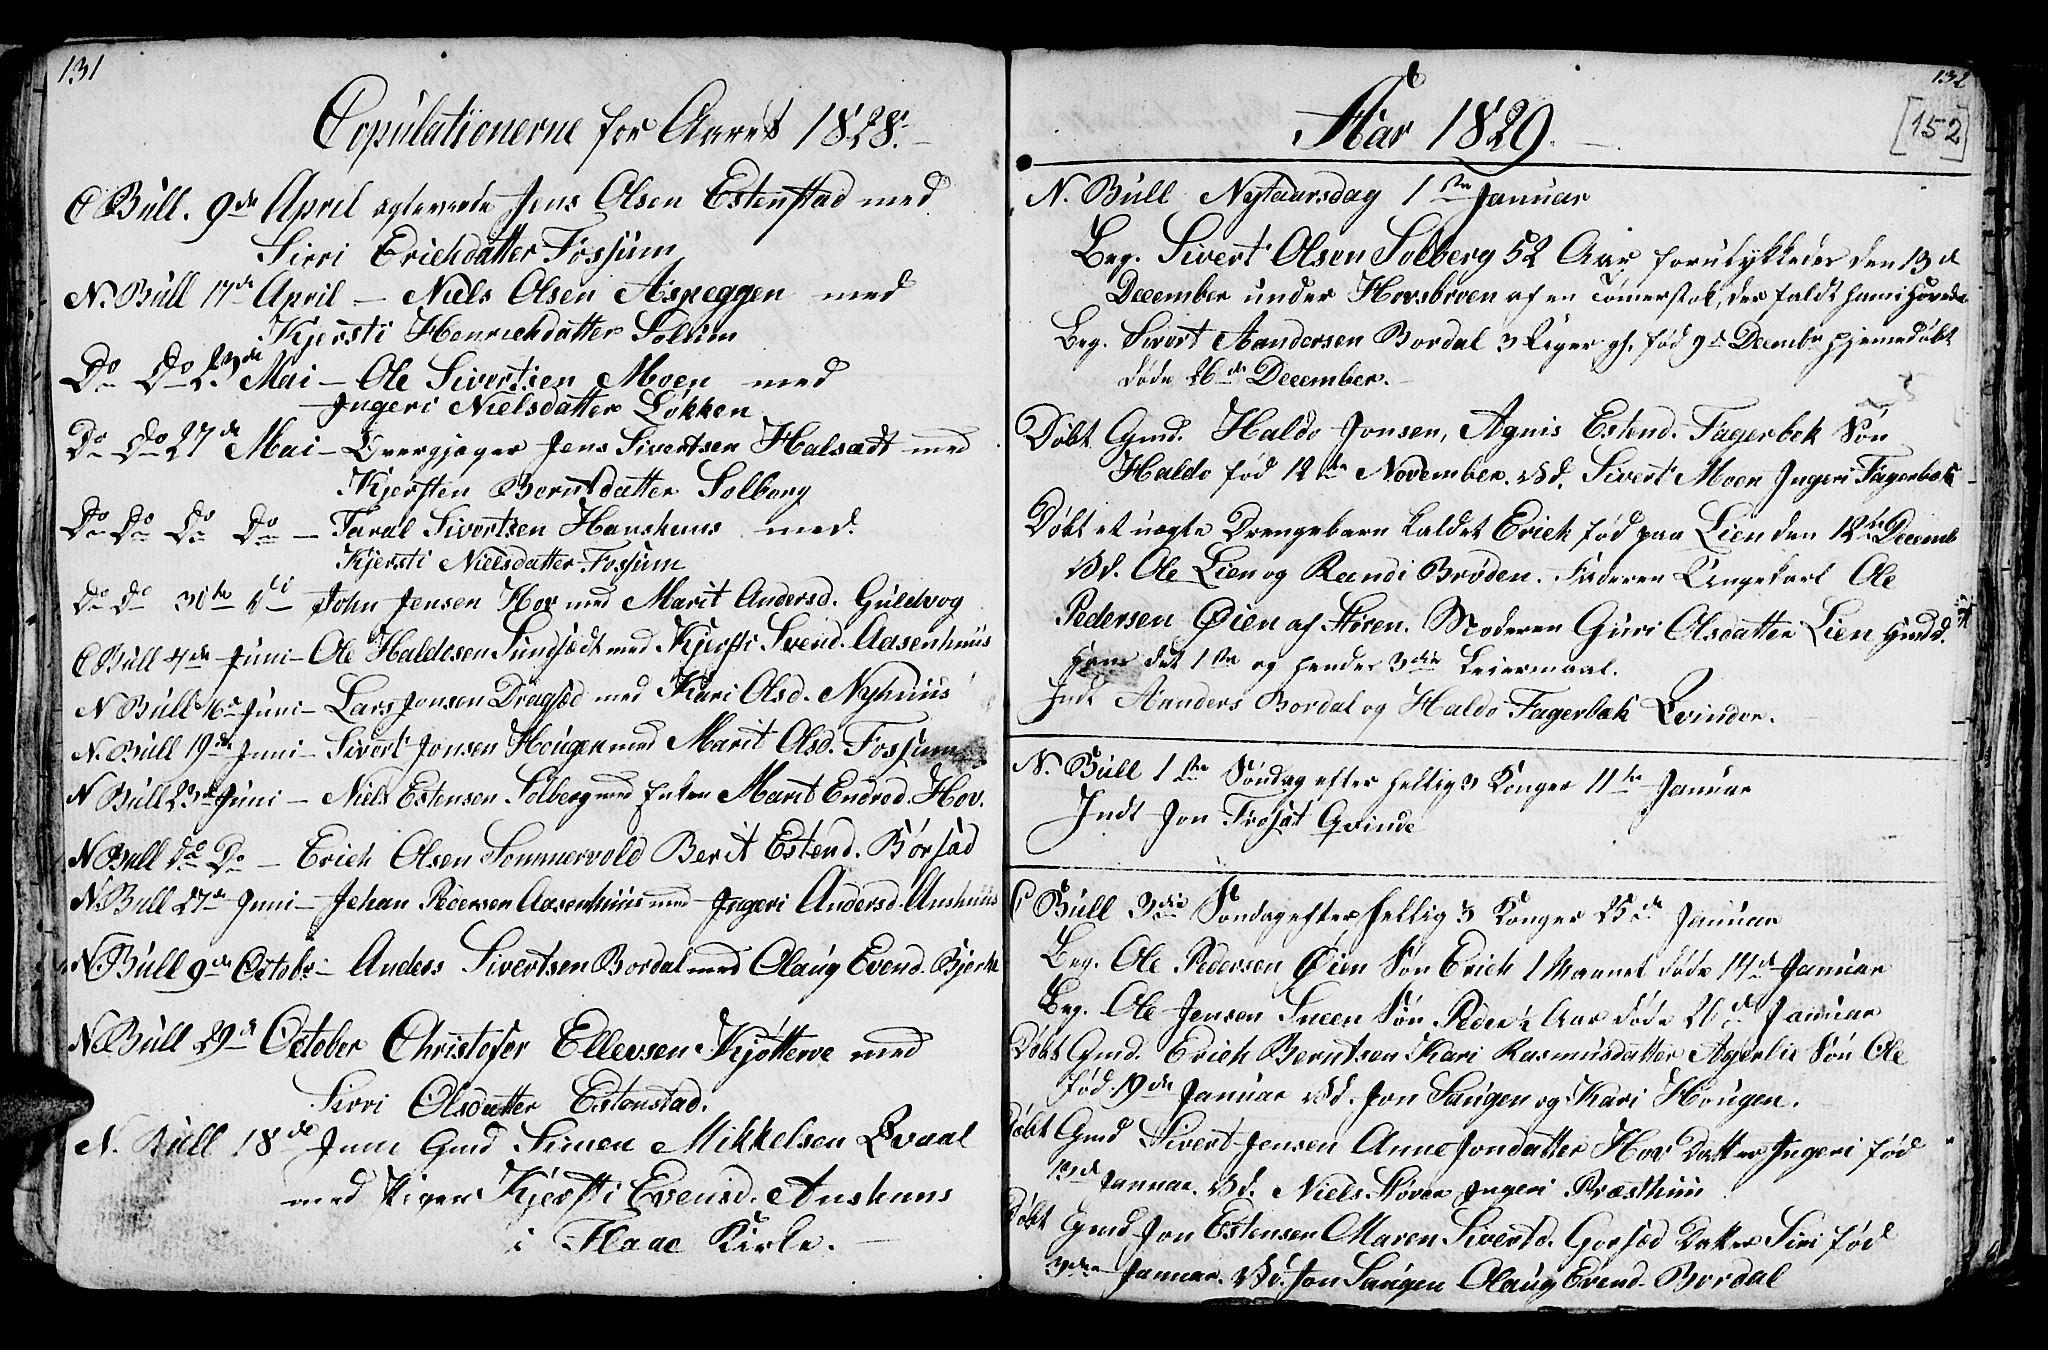 SAT, Ministerialprotokoller, klokkerbøker og fødselsregistre - Sør-Trøndelag, 689/L1042: Klokkerbok nr. 689C01, 1812-1841, s. 151-152